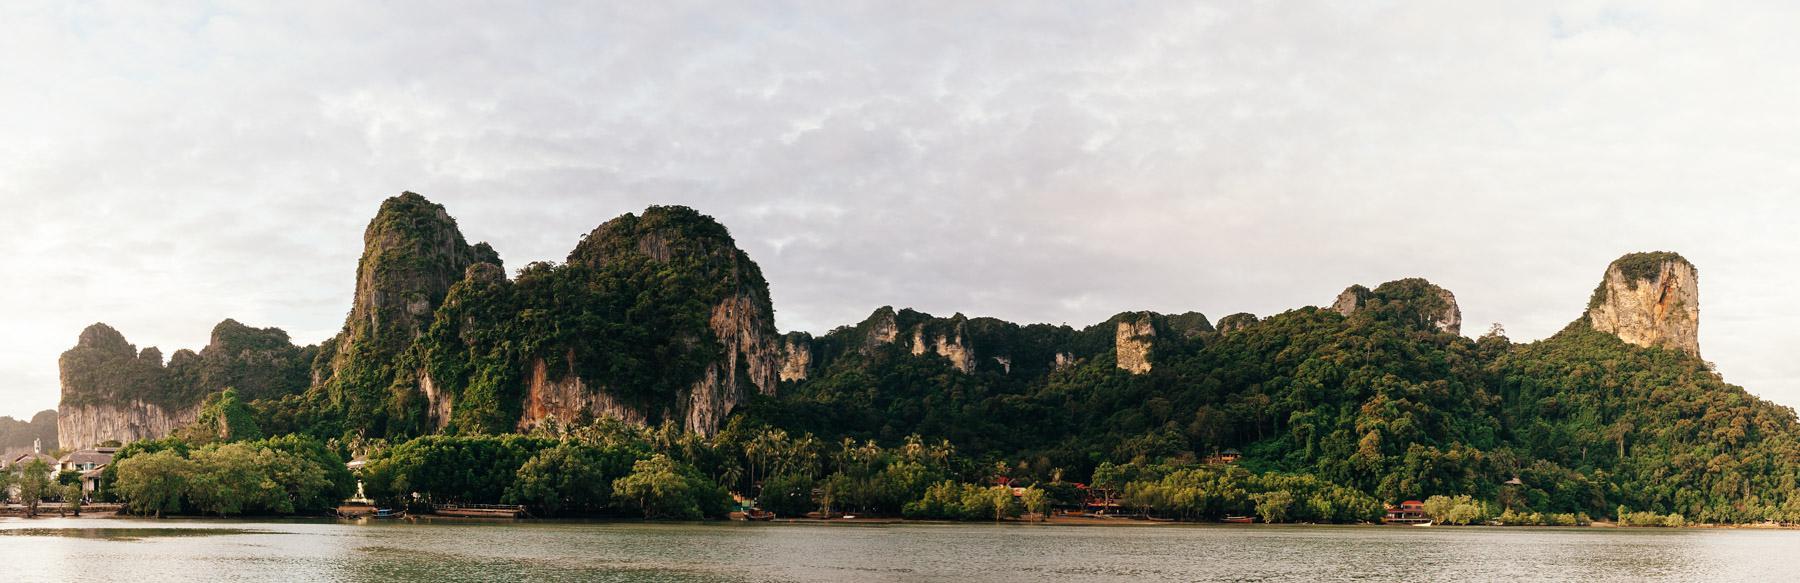 vietnam-tailandia67